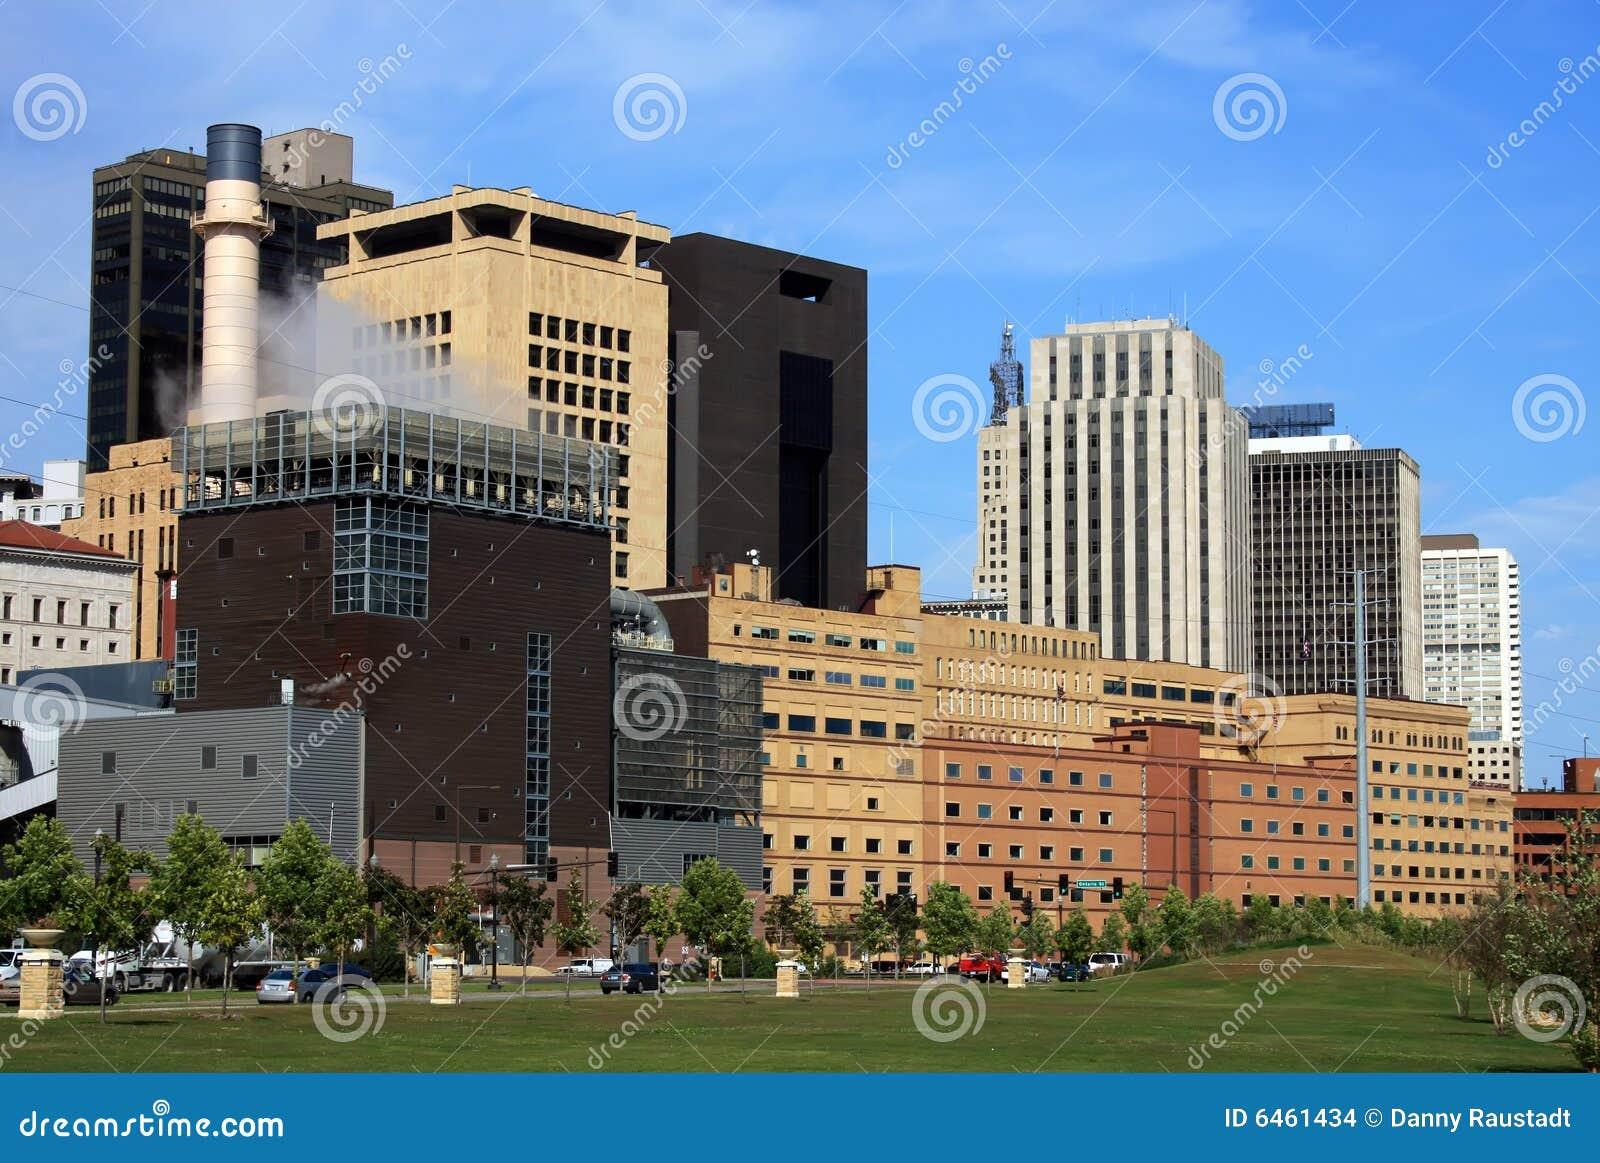 St Минесоты Паыля городского пейзажа